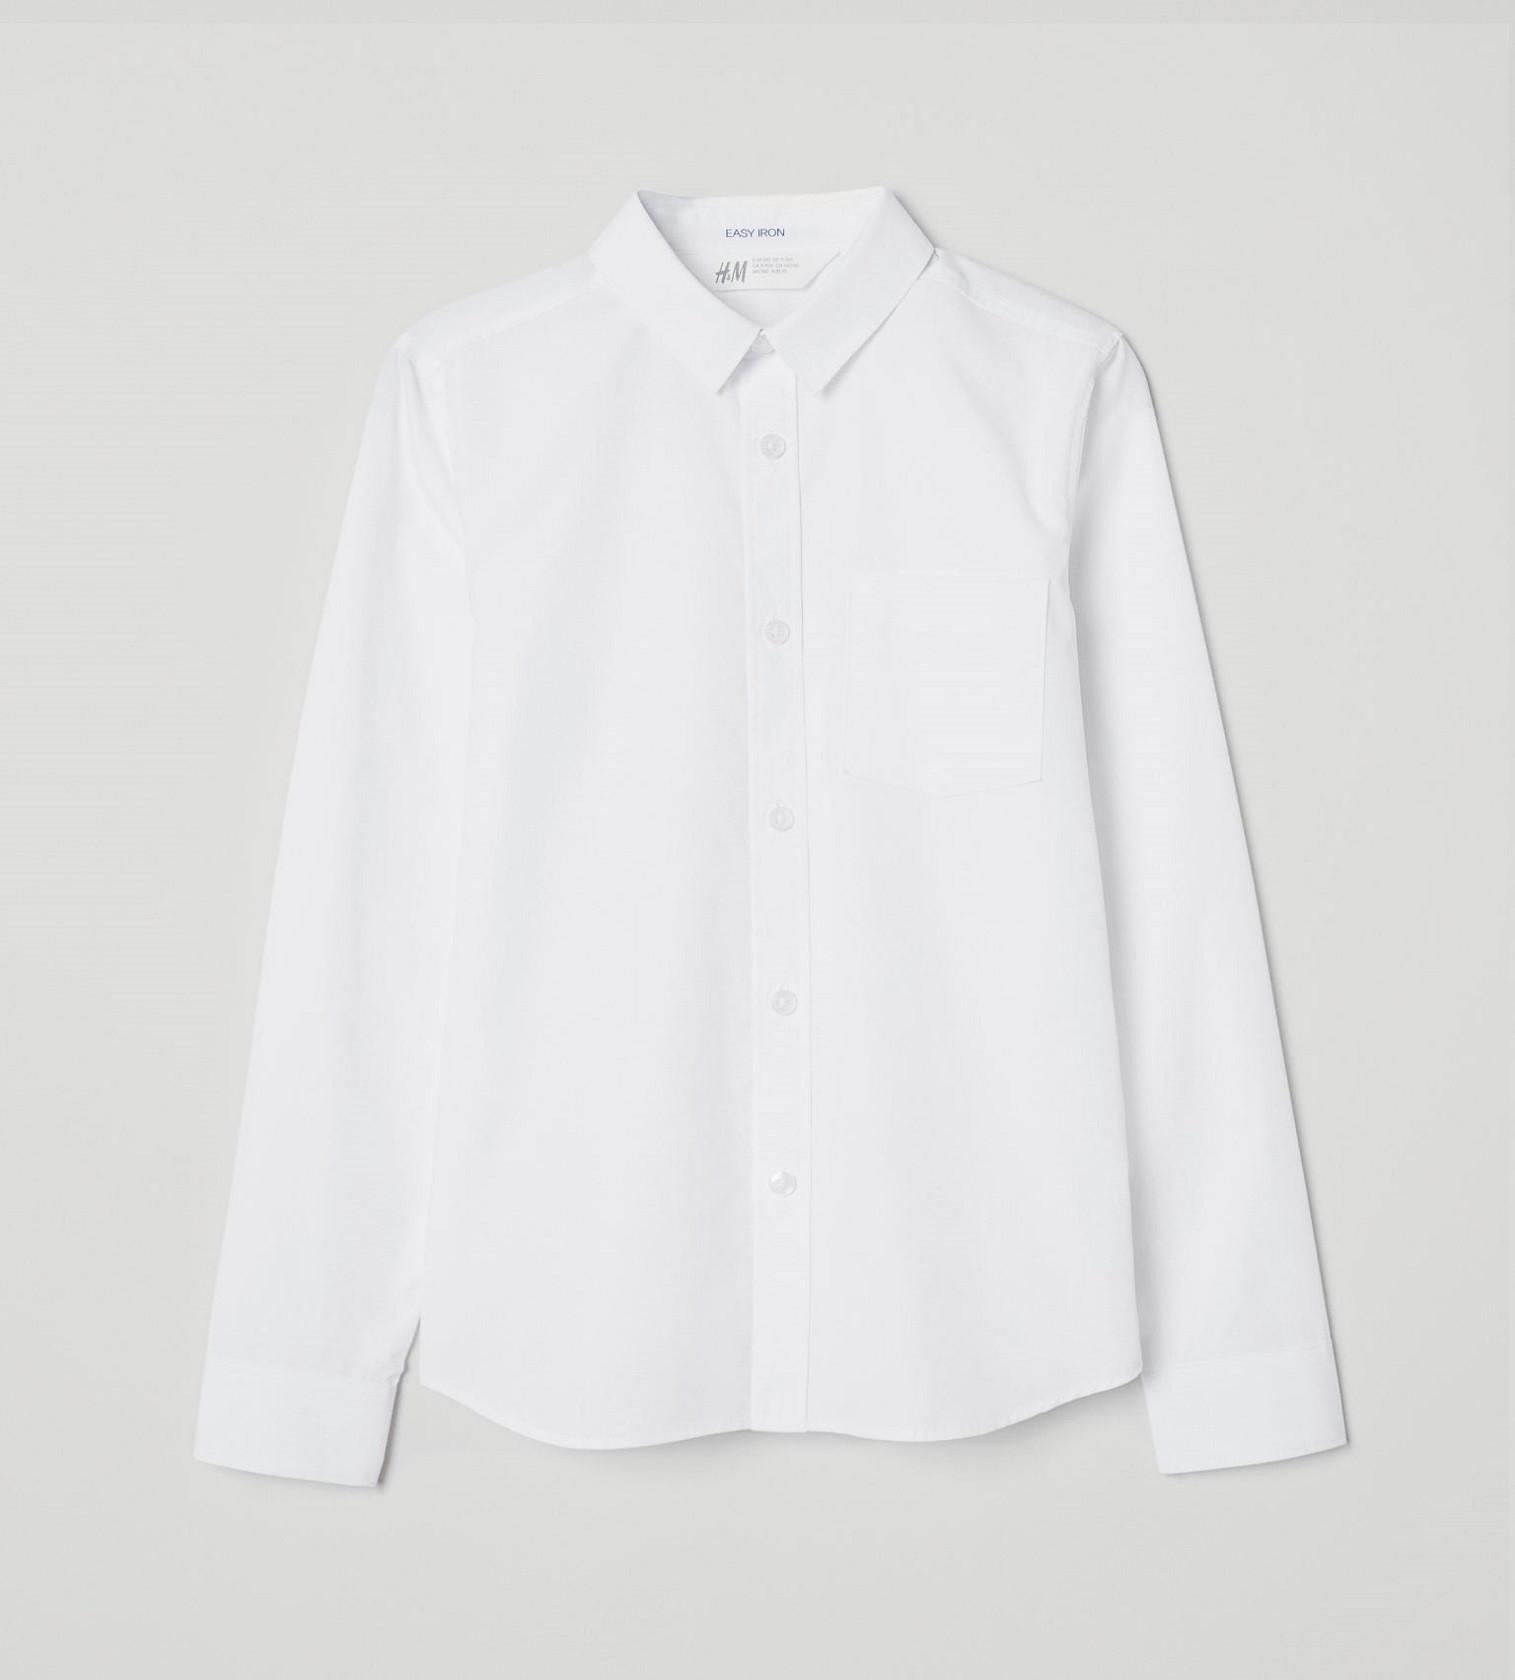 Купити Сорочка класична H&M Біла - фото 1